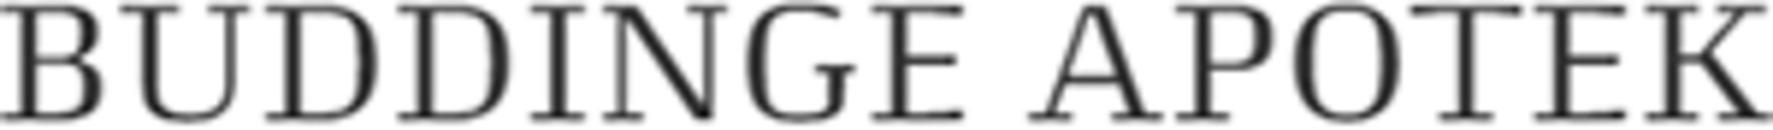 Buddinge Apotek logo